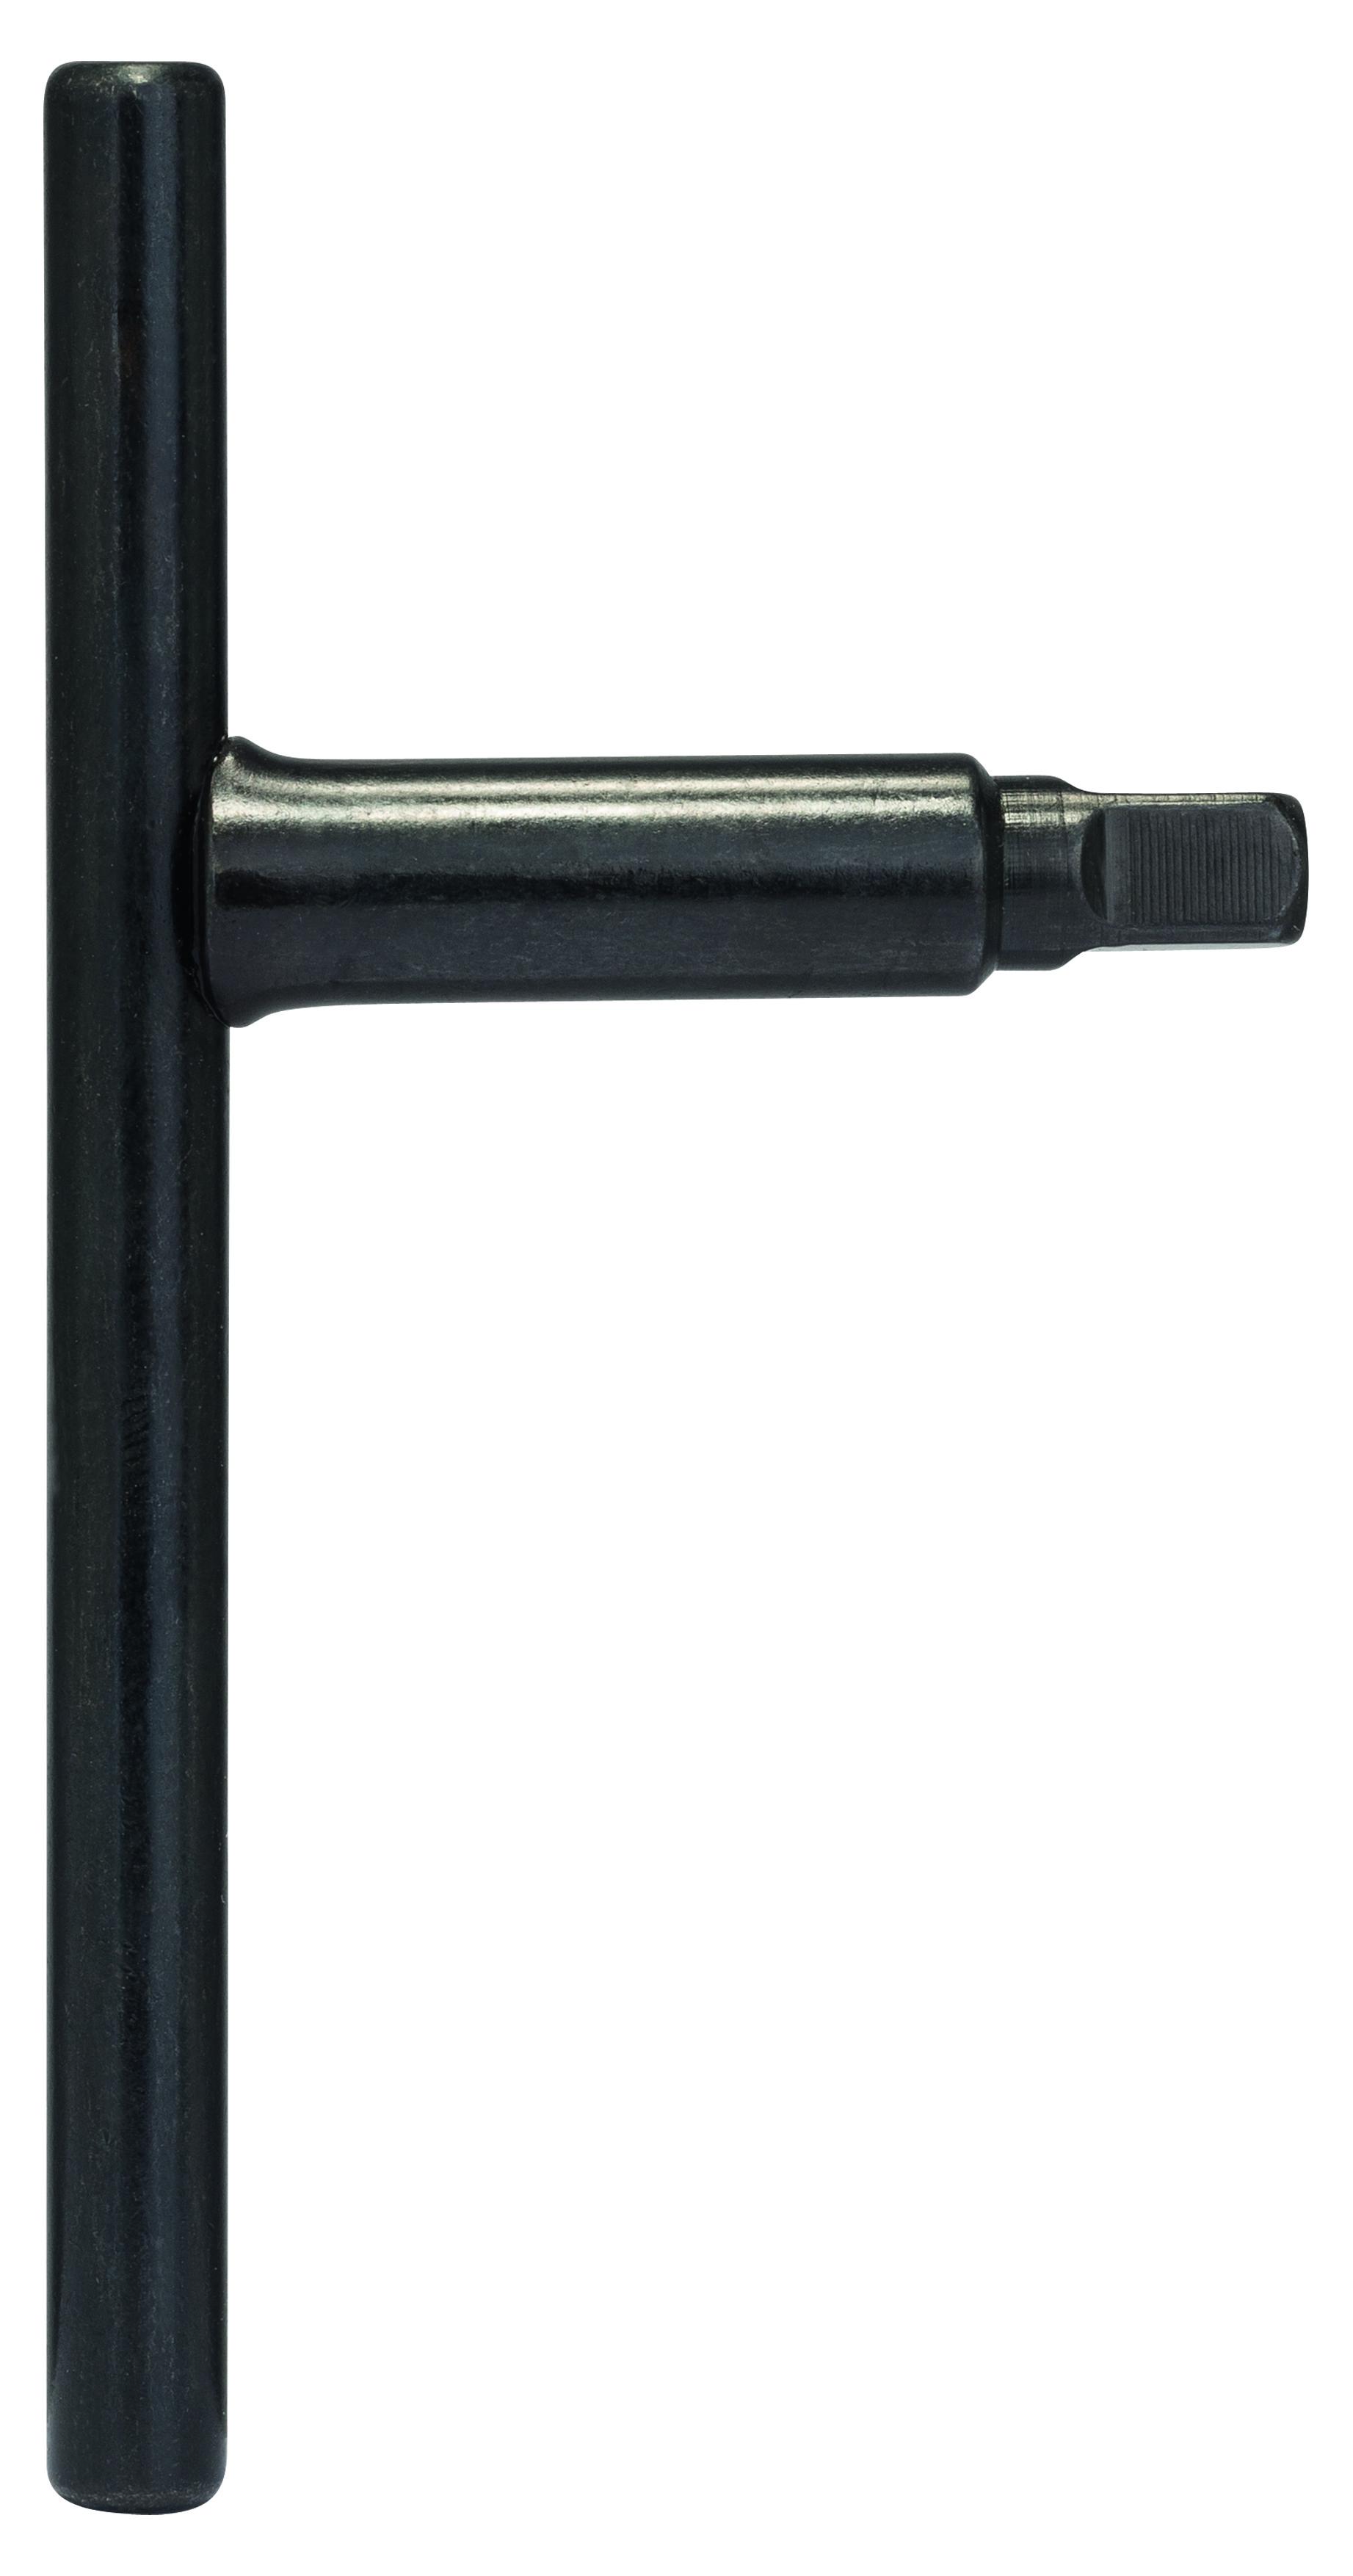 Image of   Reservenøgle til 2-kæbet patron